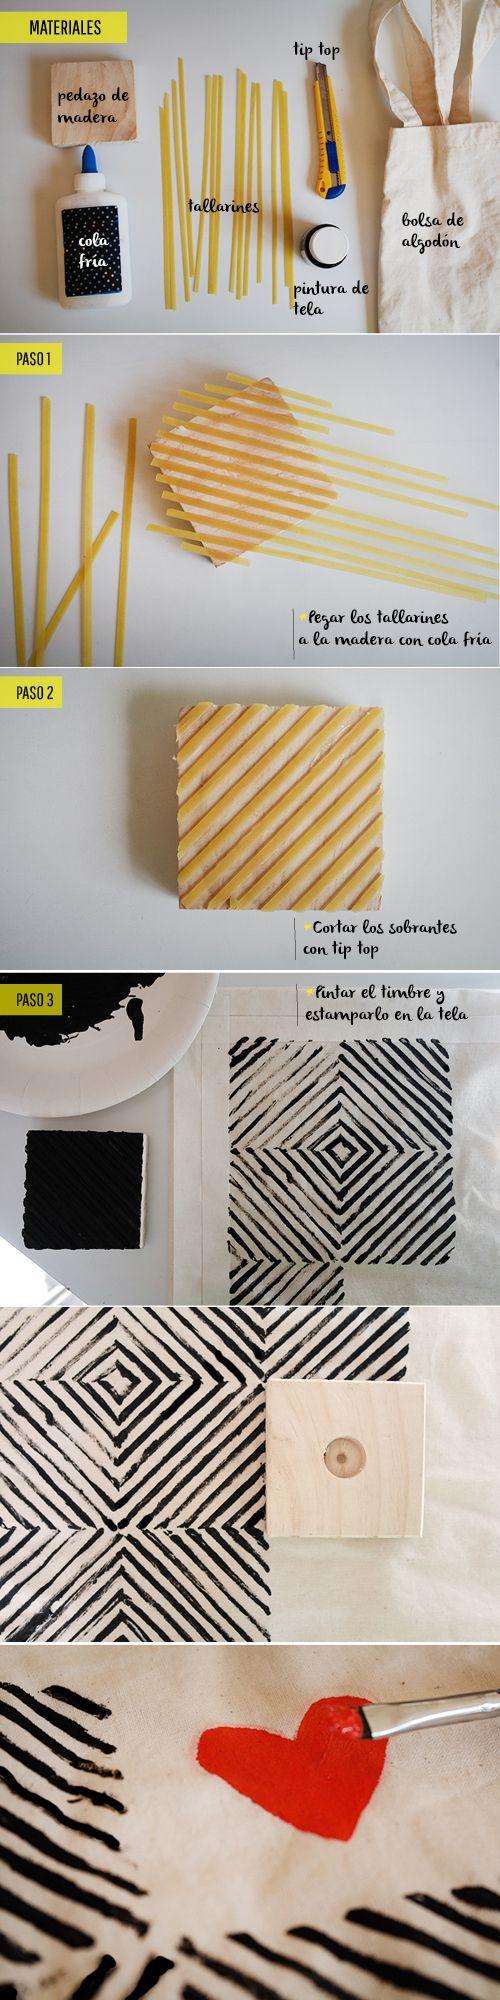 Idea para pintar tela tela